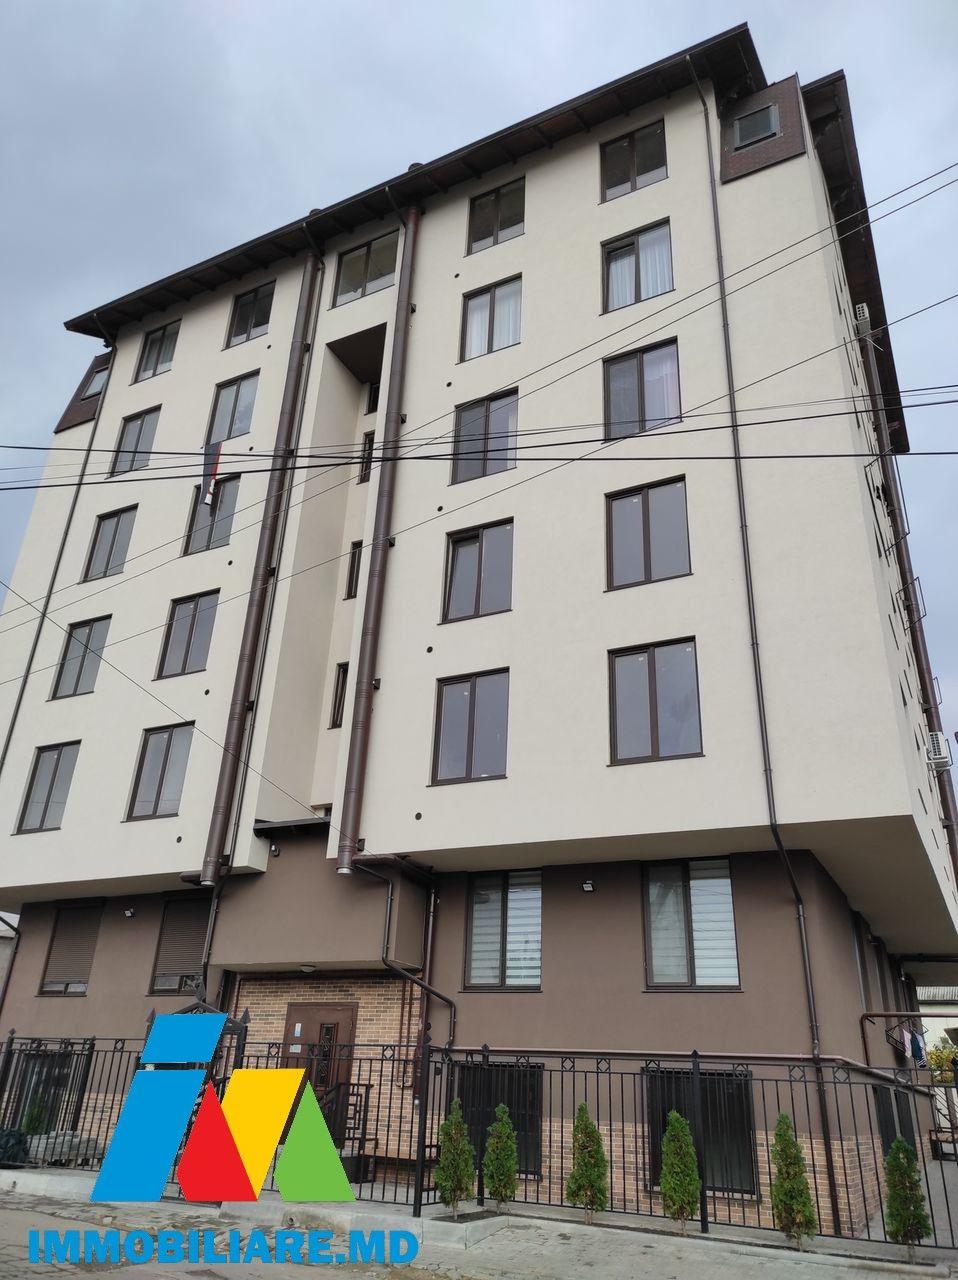 Apartament cu 1 cameră, sect.Buiucani, str.Al. Marinescu.